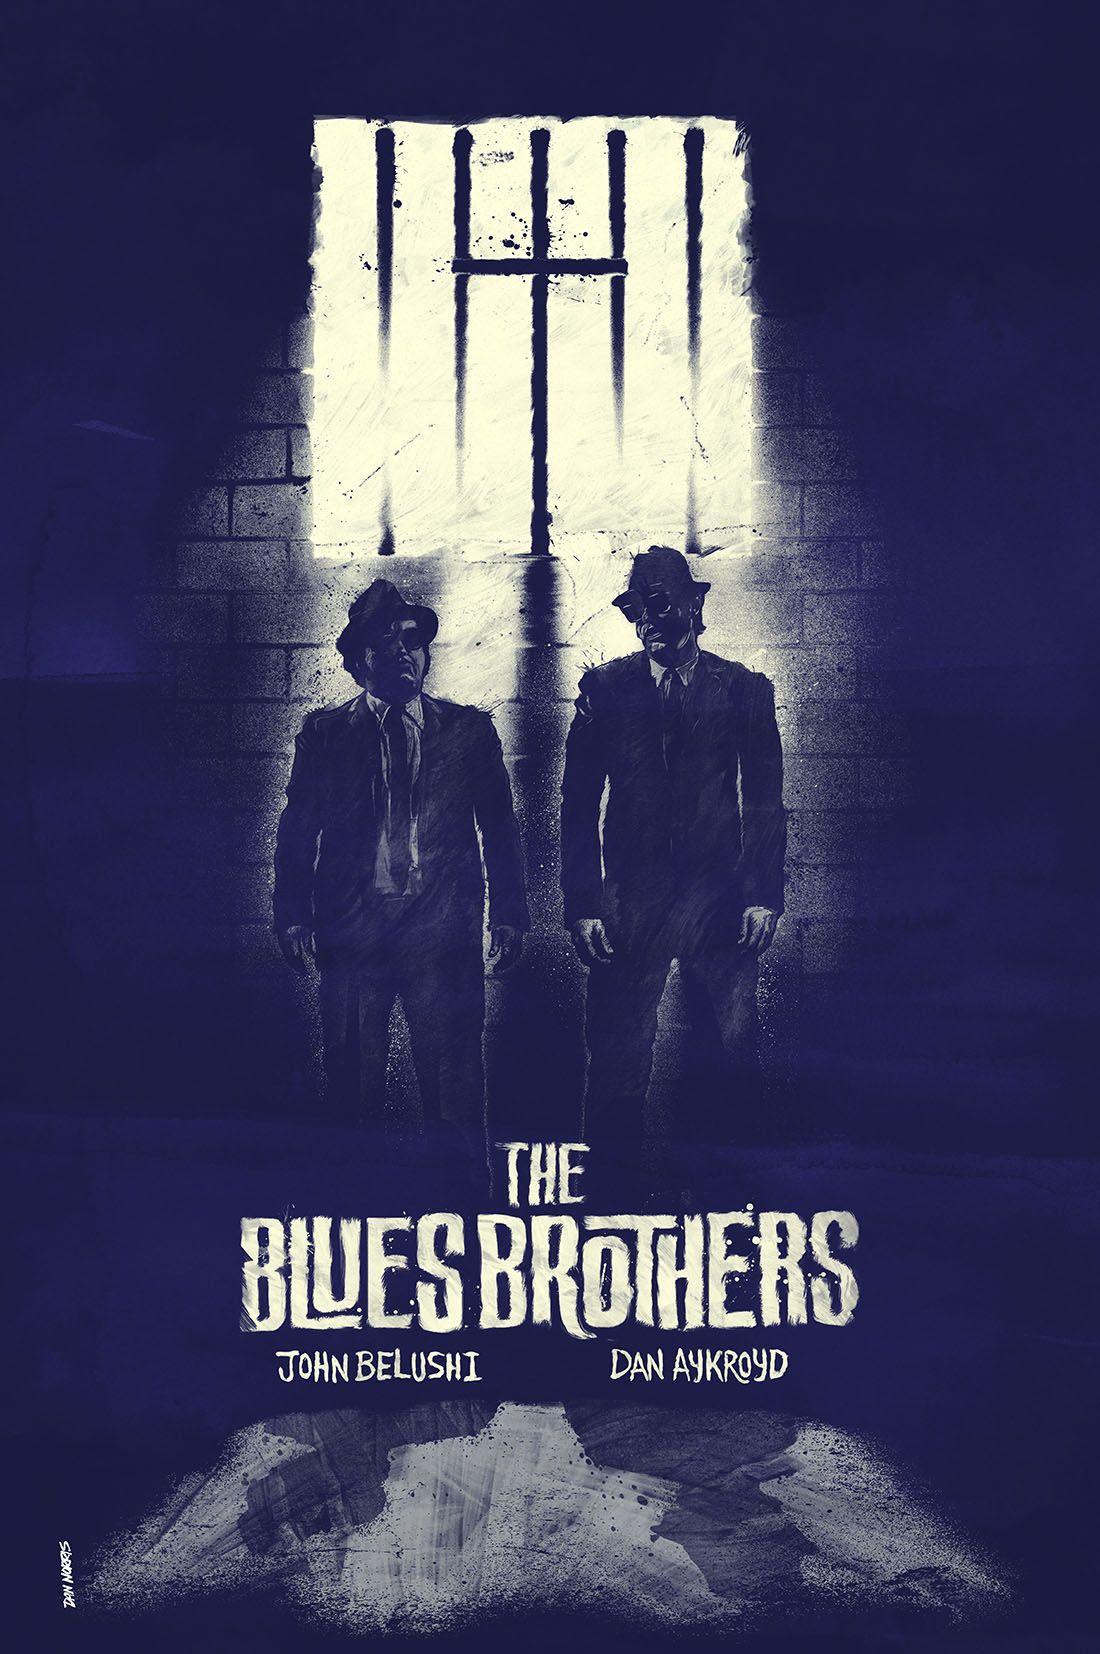 The Blues Brothers is een Amerikaanse film uit 1980 van John Landis. Dan Aykroyd en John Belushi, die met hun Blues Brothers-act faam hadden verworven in shows als Saturday Night Live, baseerden de film op deze personages.